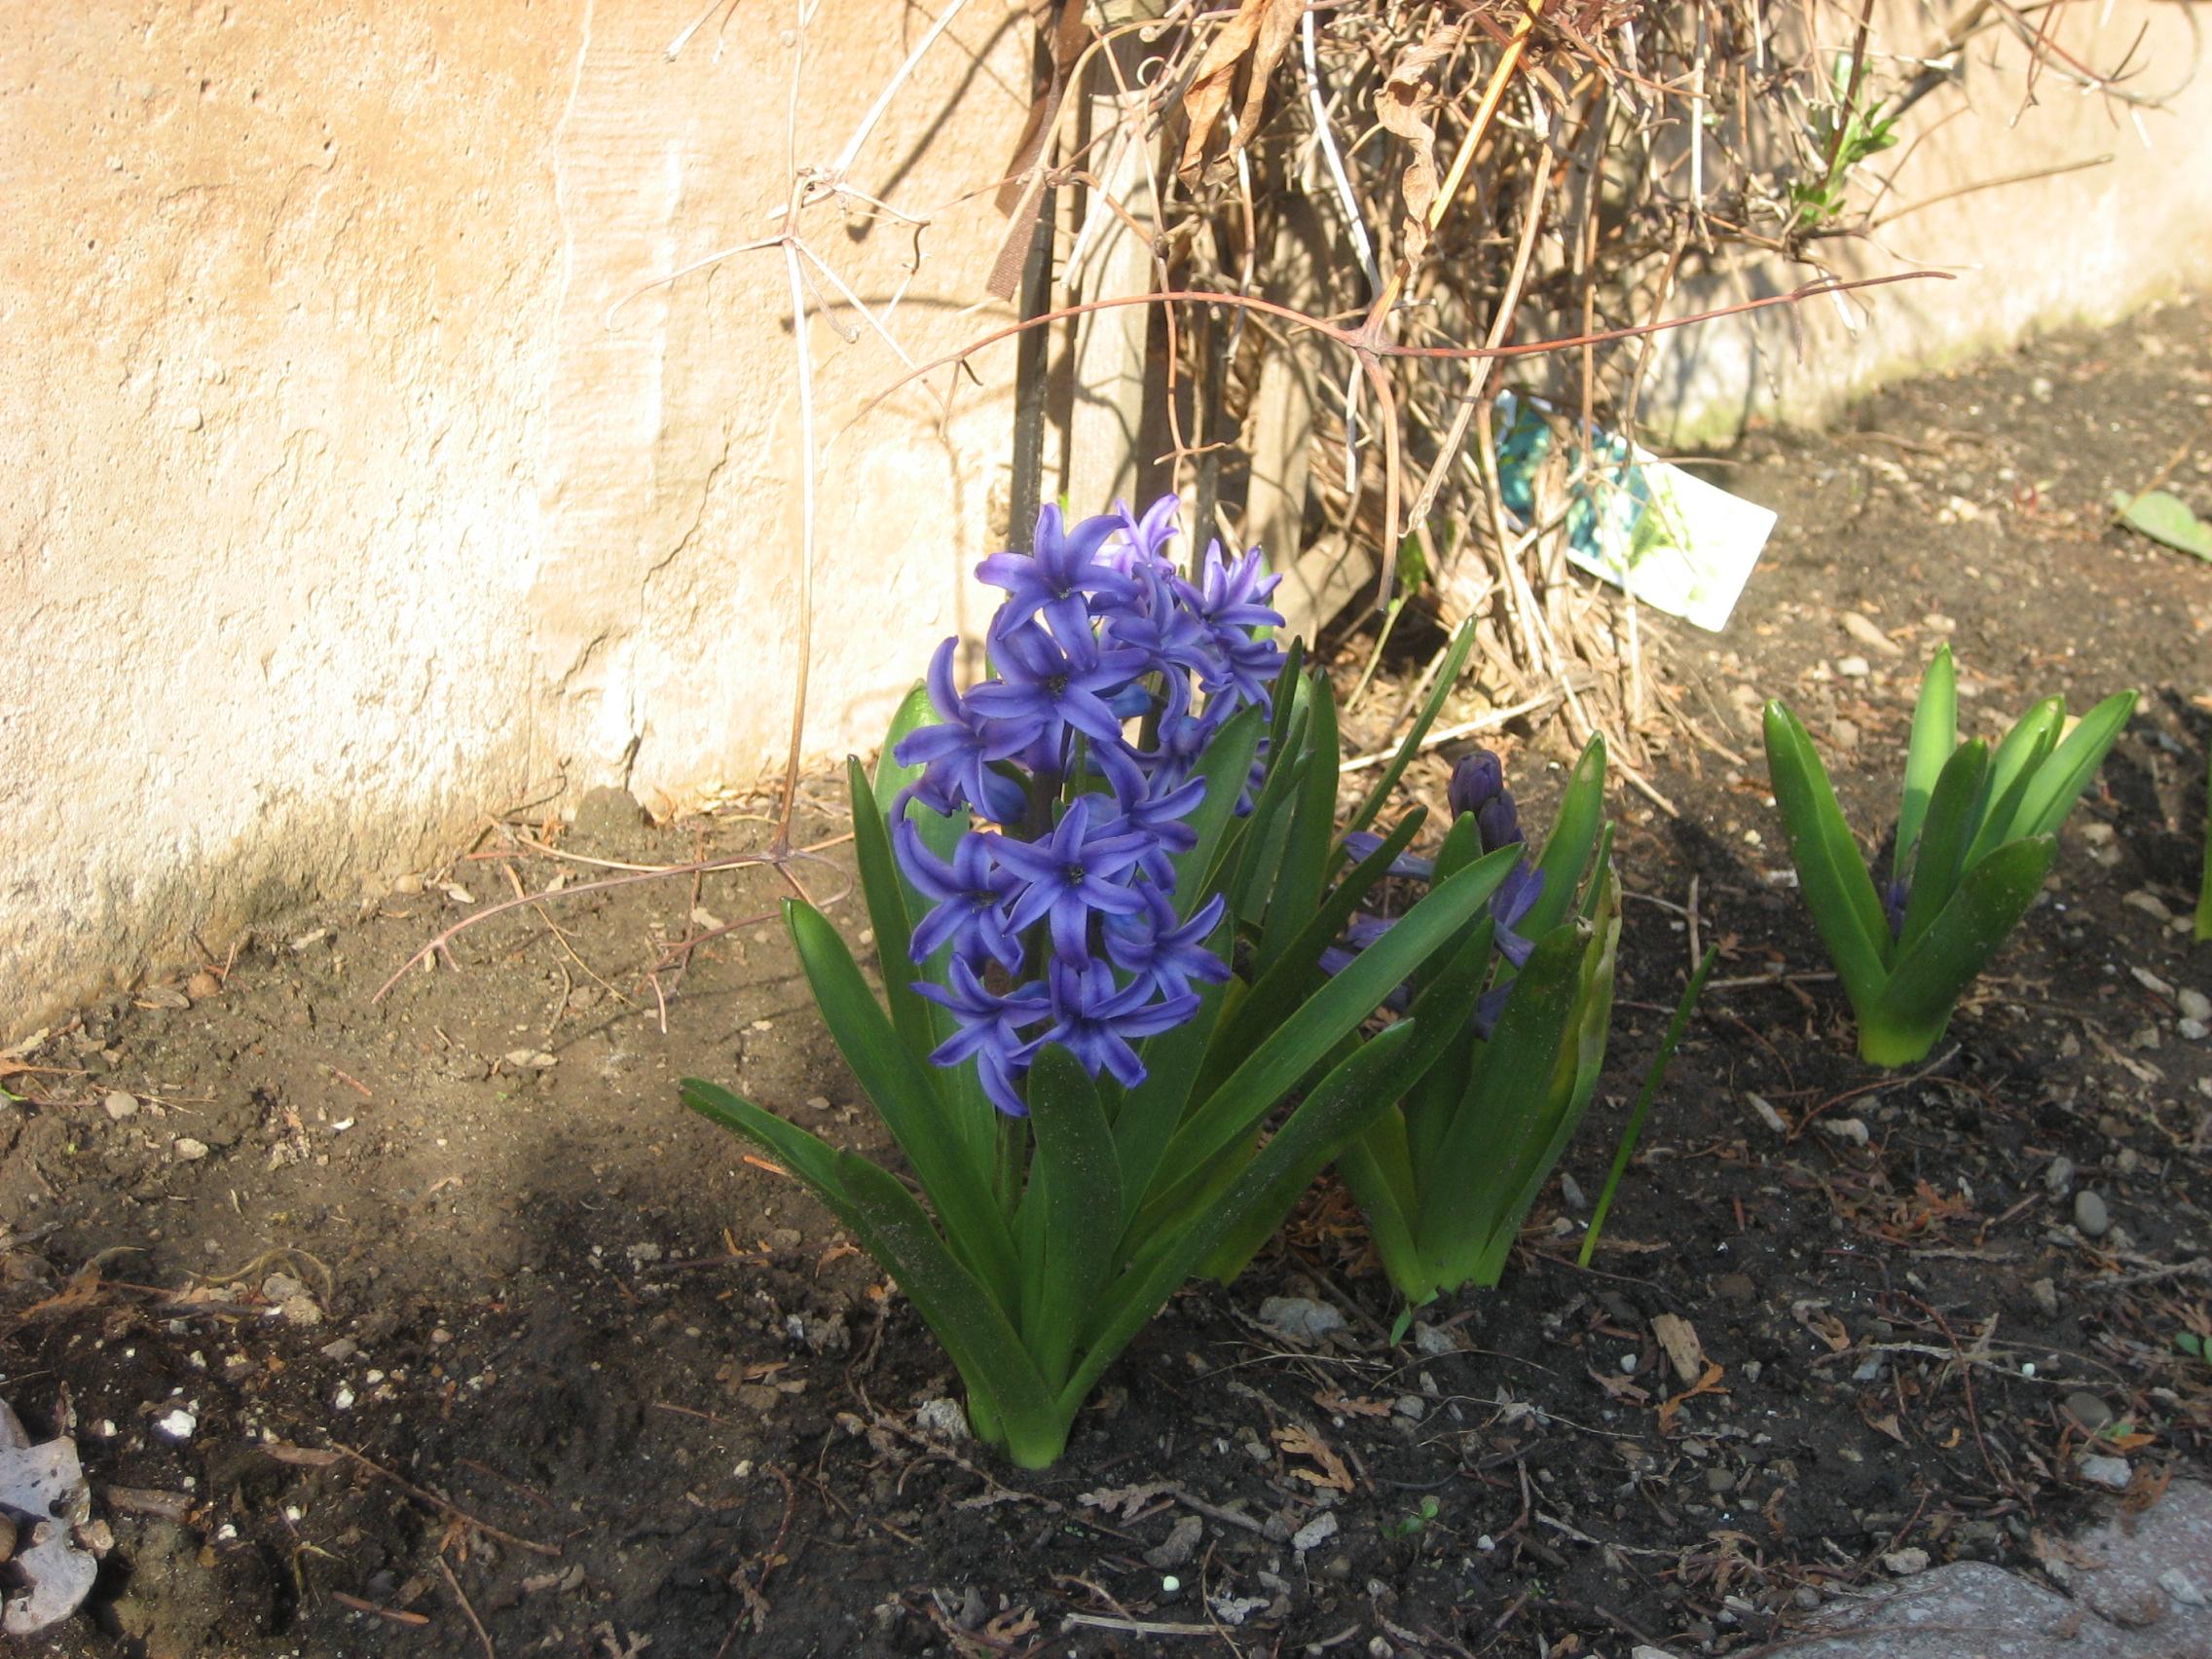 Hyacinth survives the rabbits